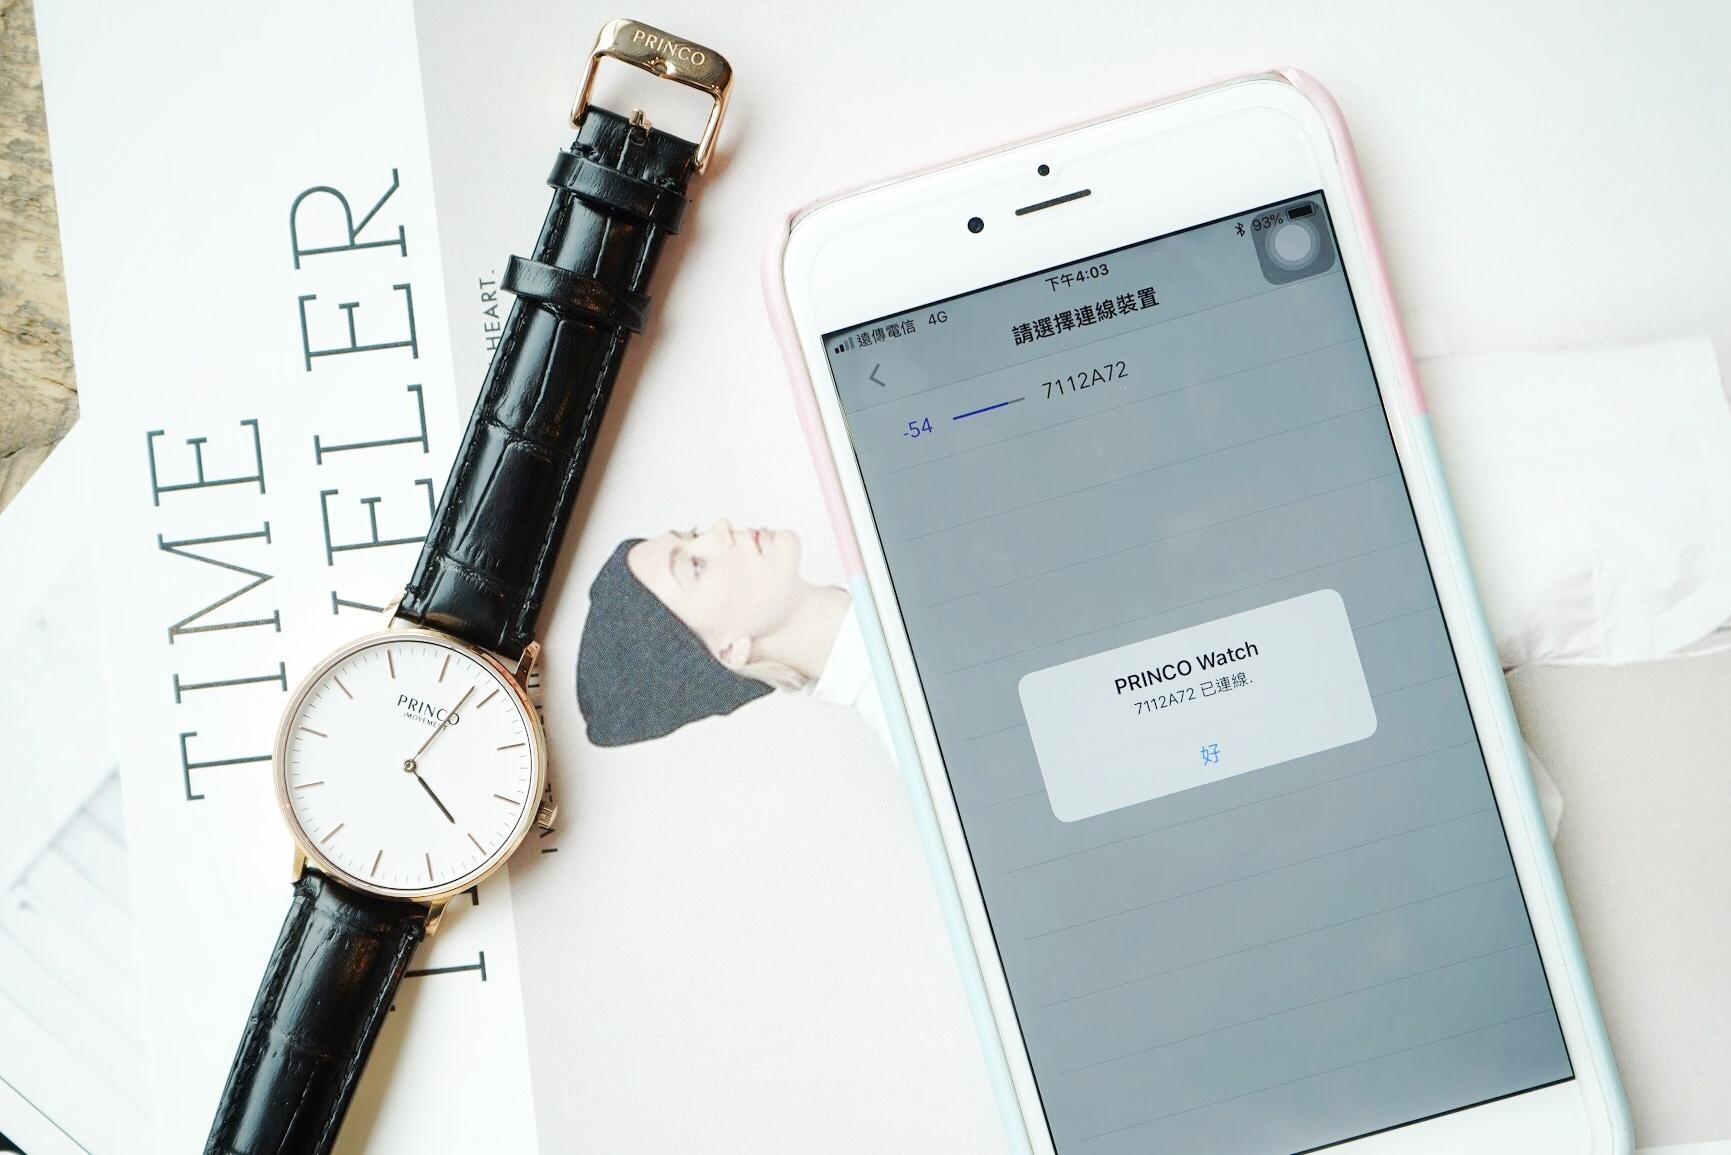 princo watch手錶喚醒方式